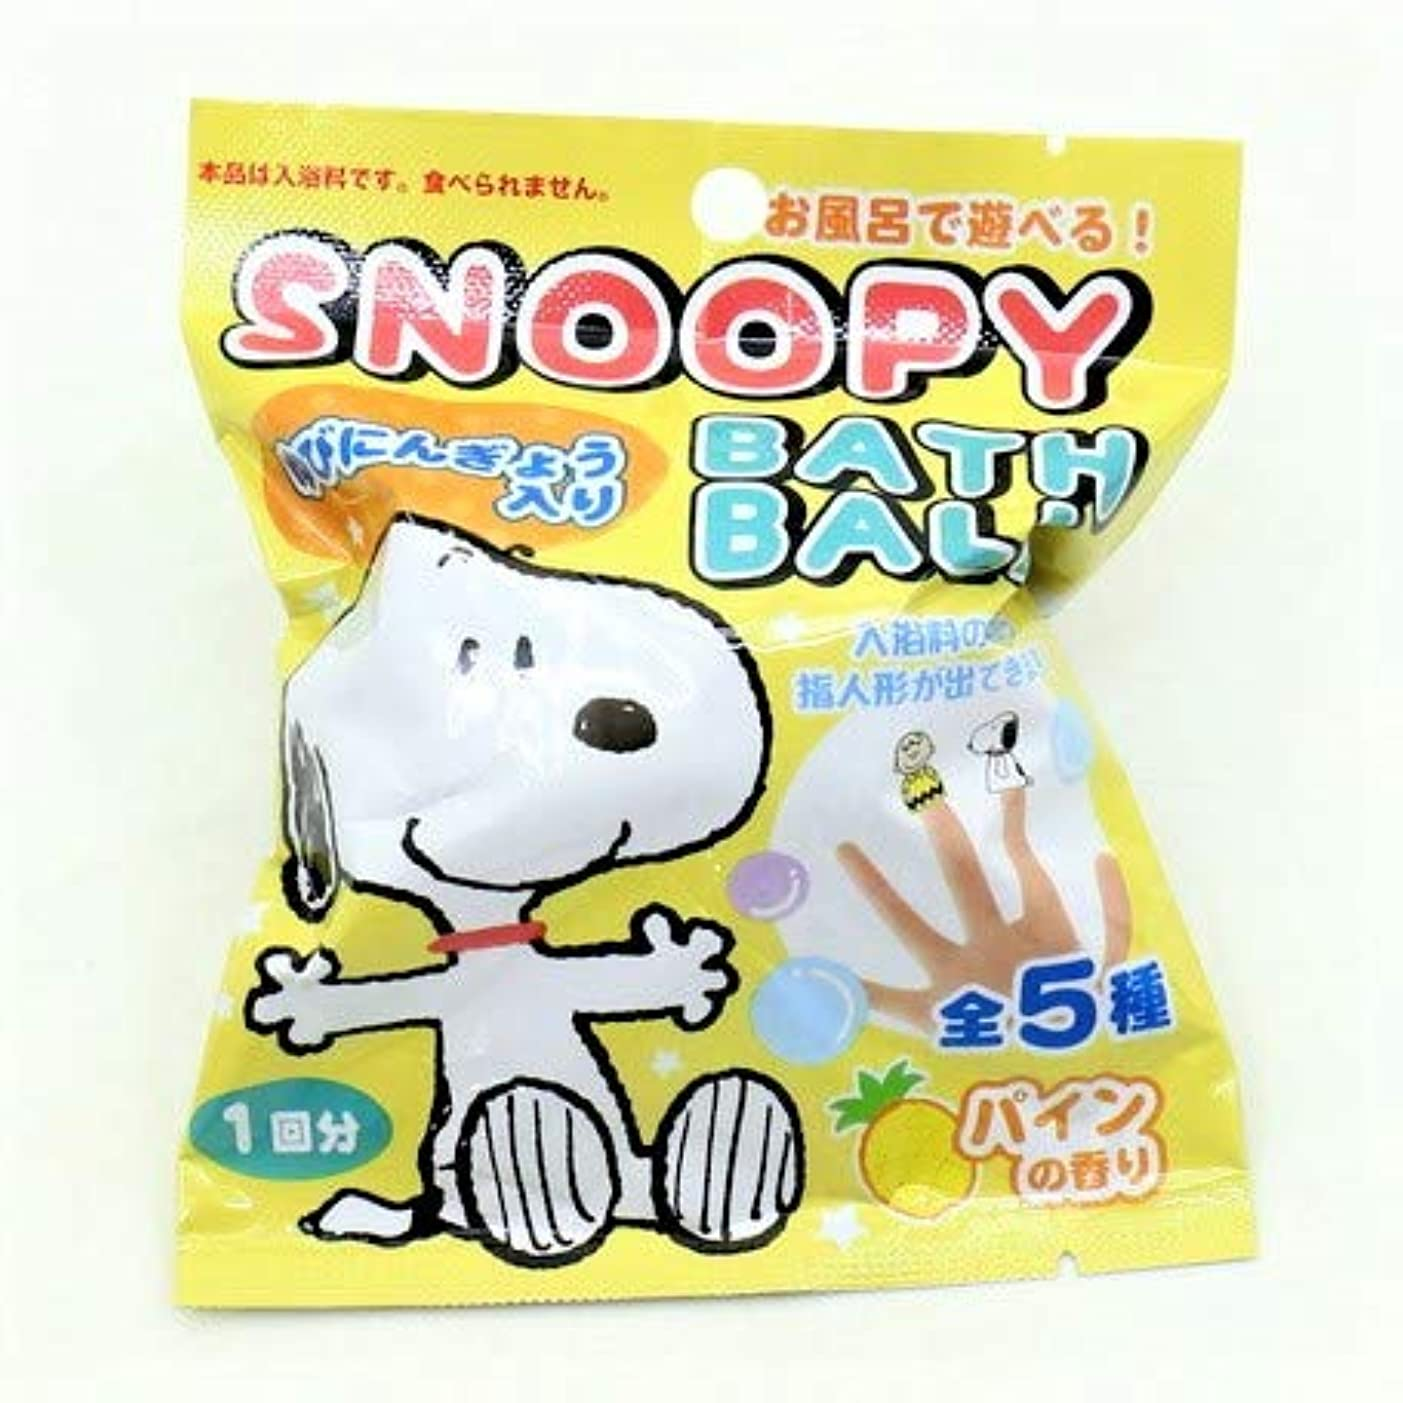 割り込みかすかな寄付するスヌーピー バスボール 入浴剤 パインの香り 6個1セット 指人形 Snoopy